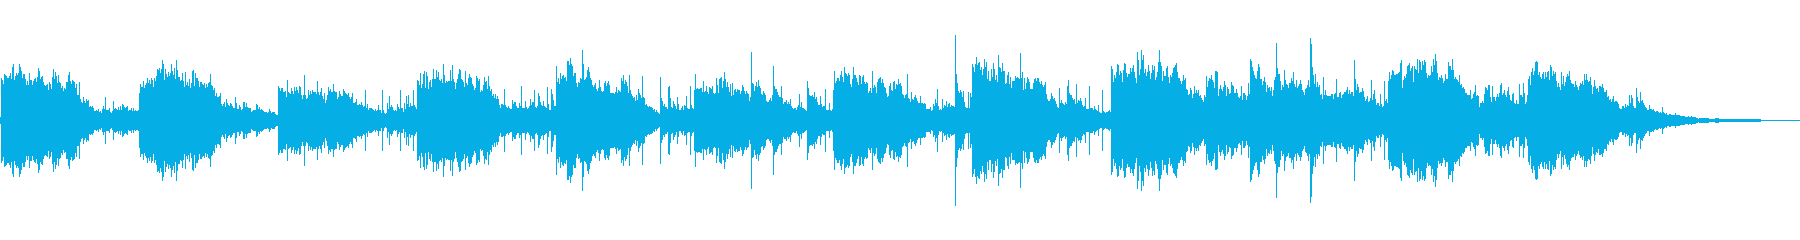 神秘的なニューエイジミュージックの再生済みの波形